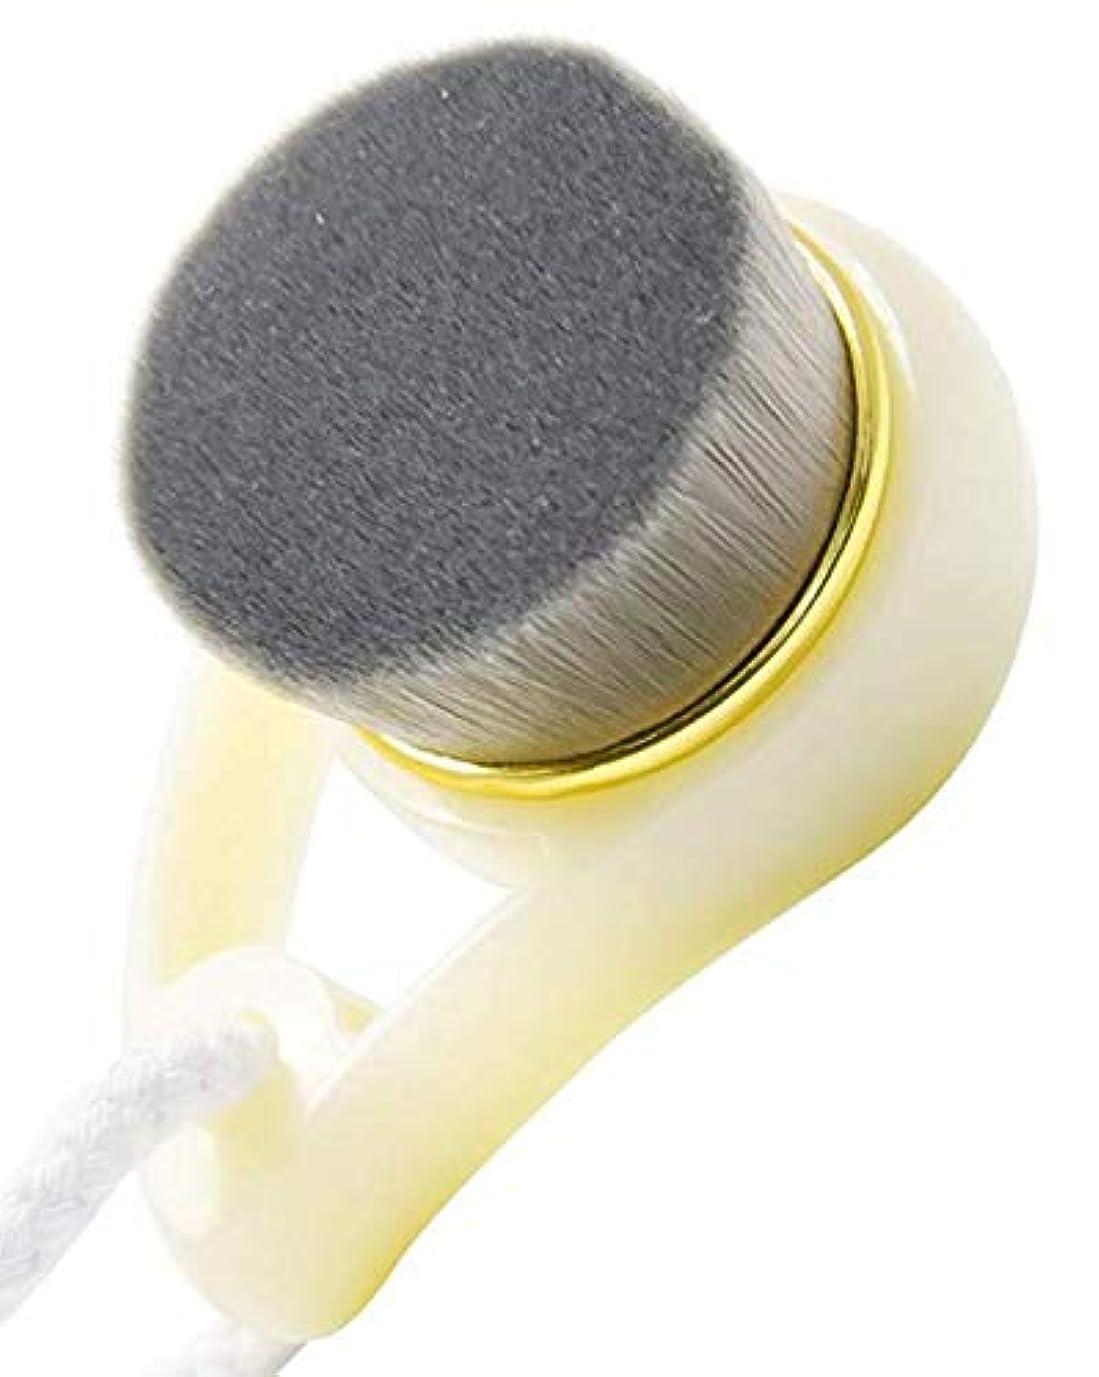 娘なぜ牛肉ユニセックスフェイス/化粧ブラシ手動毛穴マッサージ美容製品美容製品にきび毛穴クレンジング毛穴角質除去